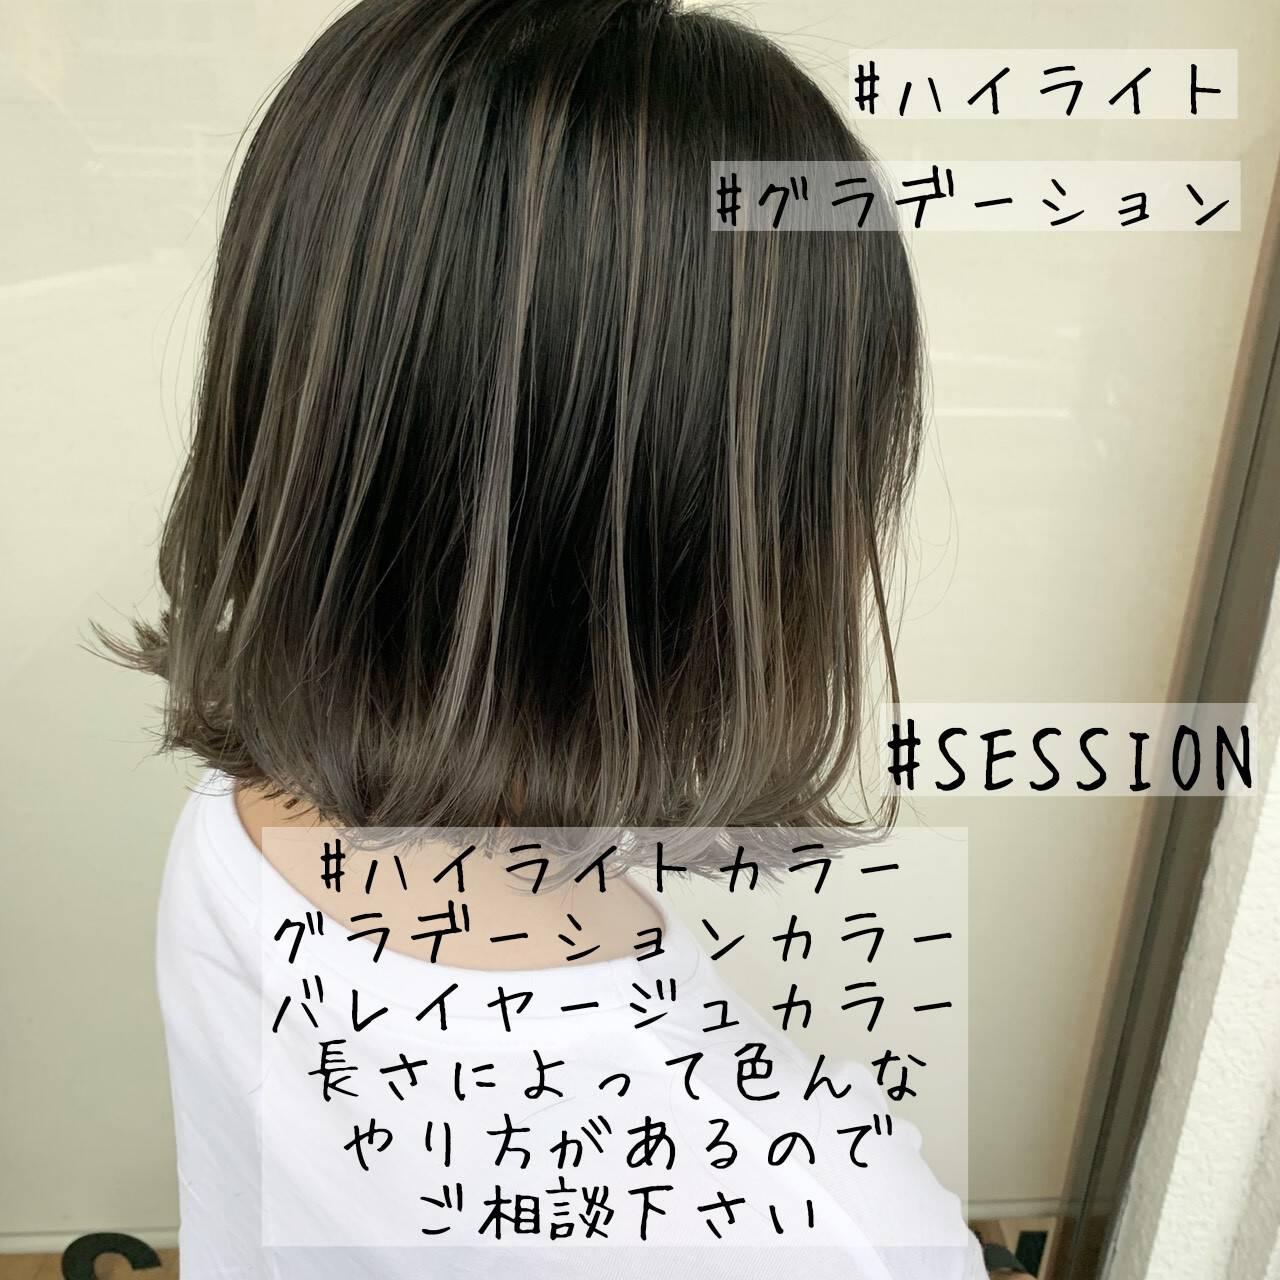 コントラストハイライト ストリート バレイヤージュ グラデーションカラーヘアスタイルや髪型の写真・画像